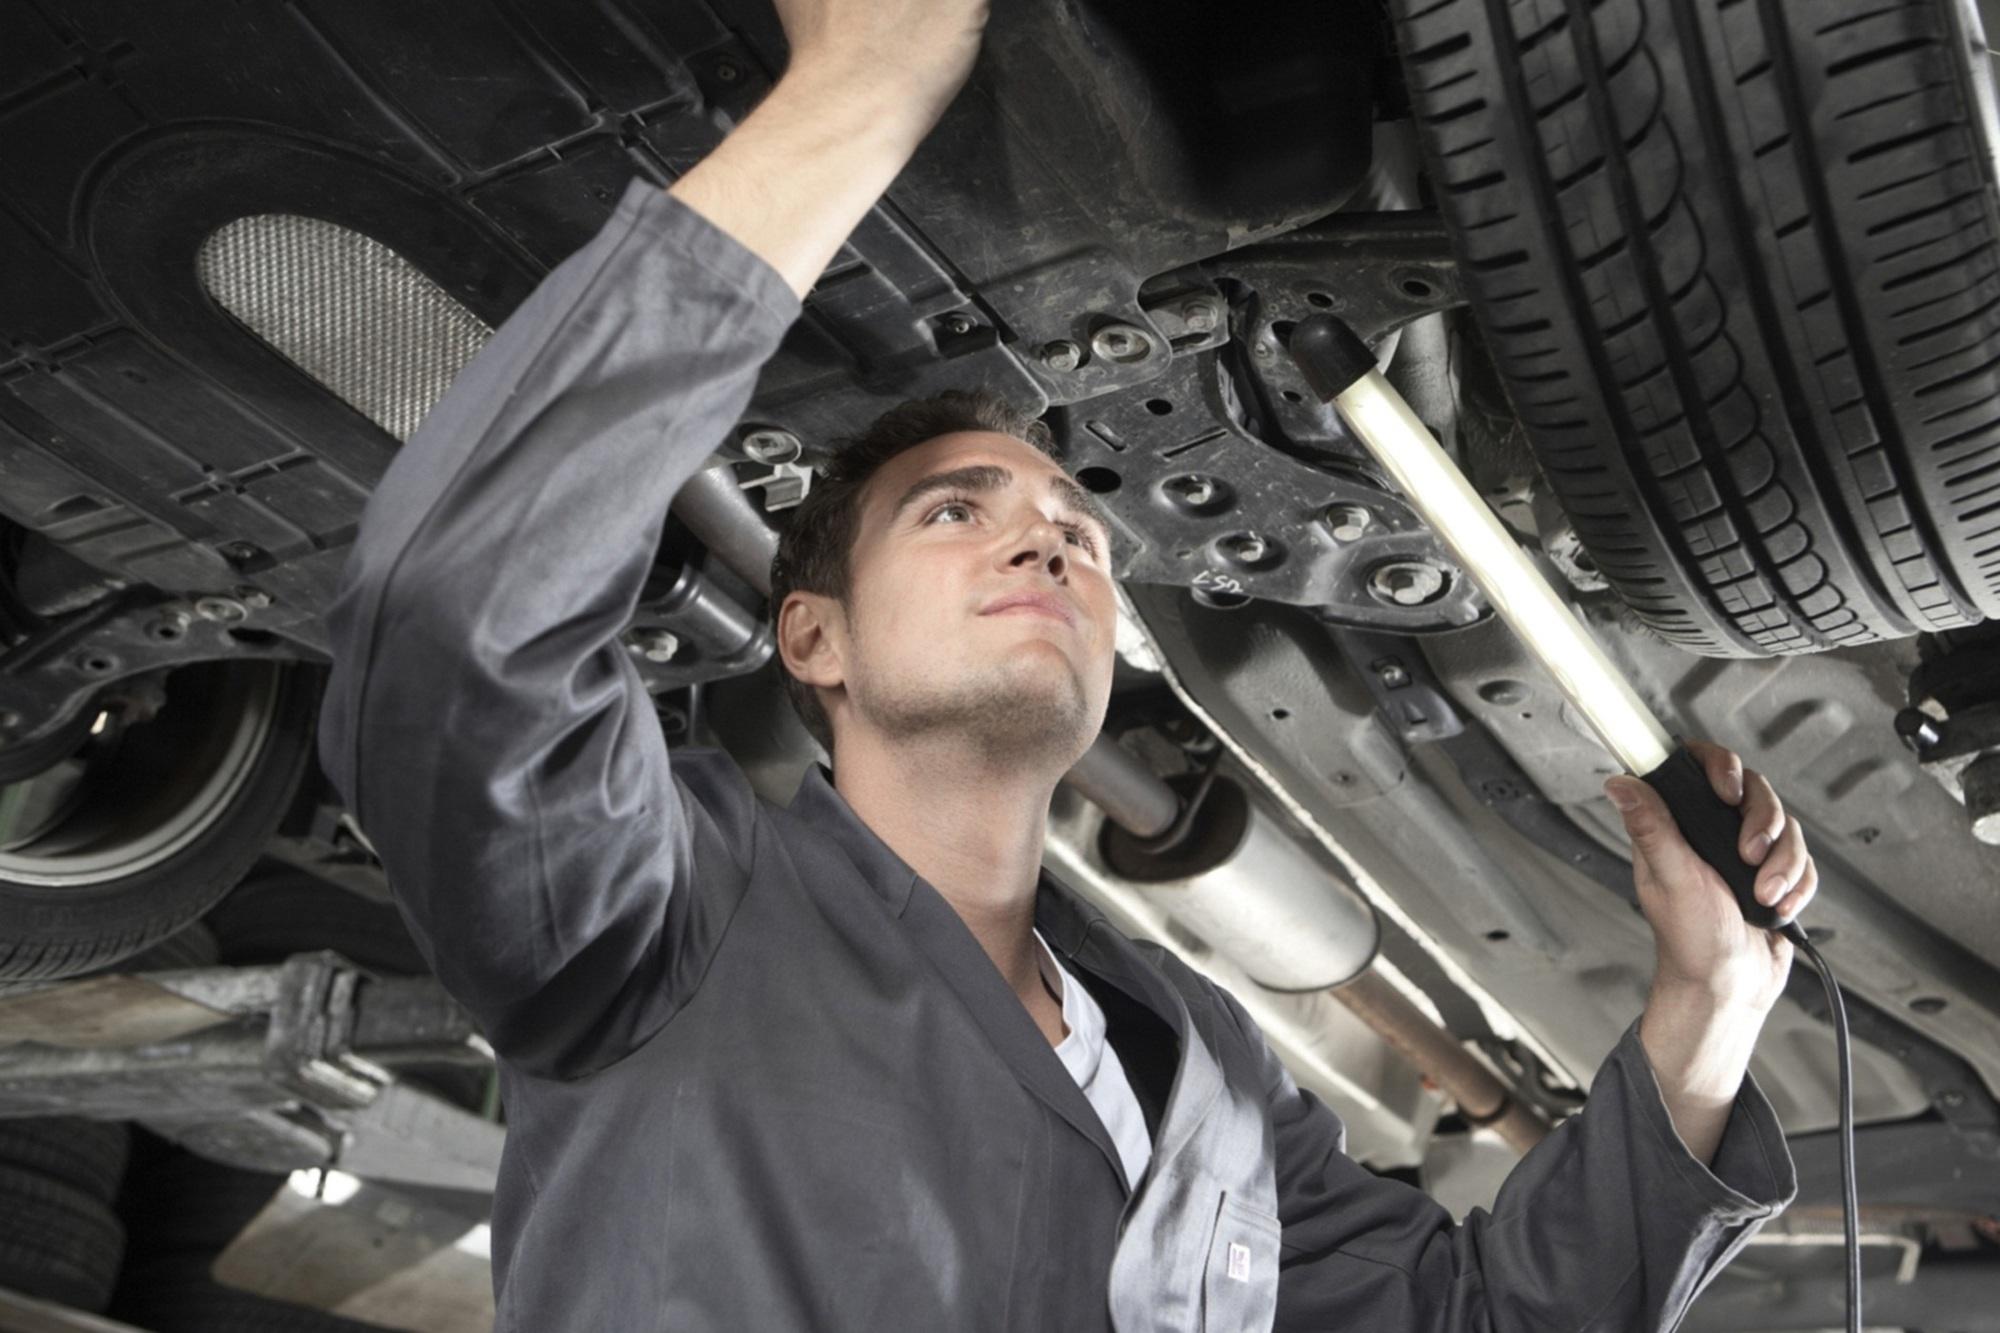 Reparaturen am Auto - Bremsen besonders anfällig